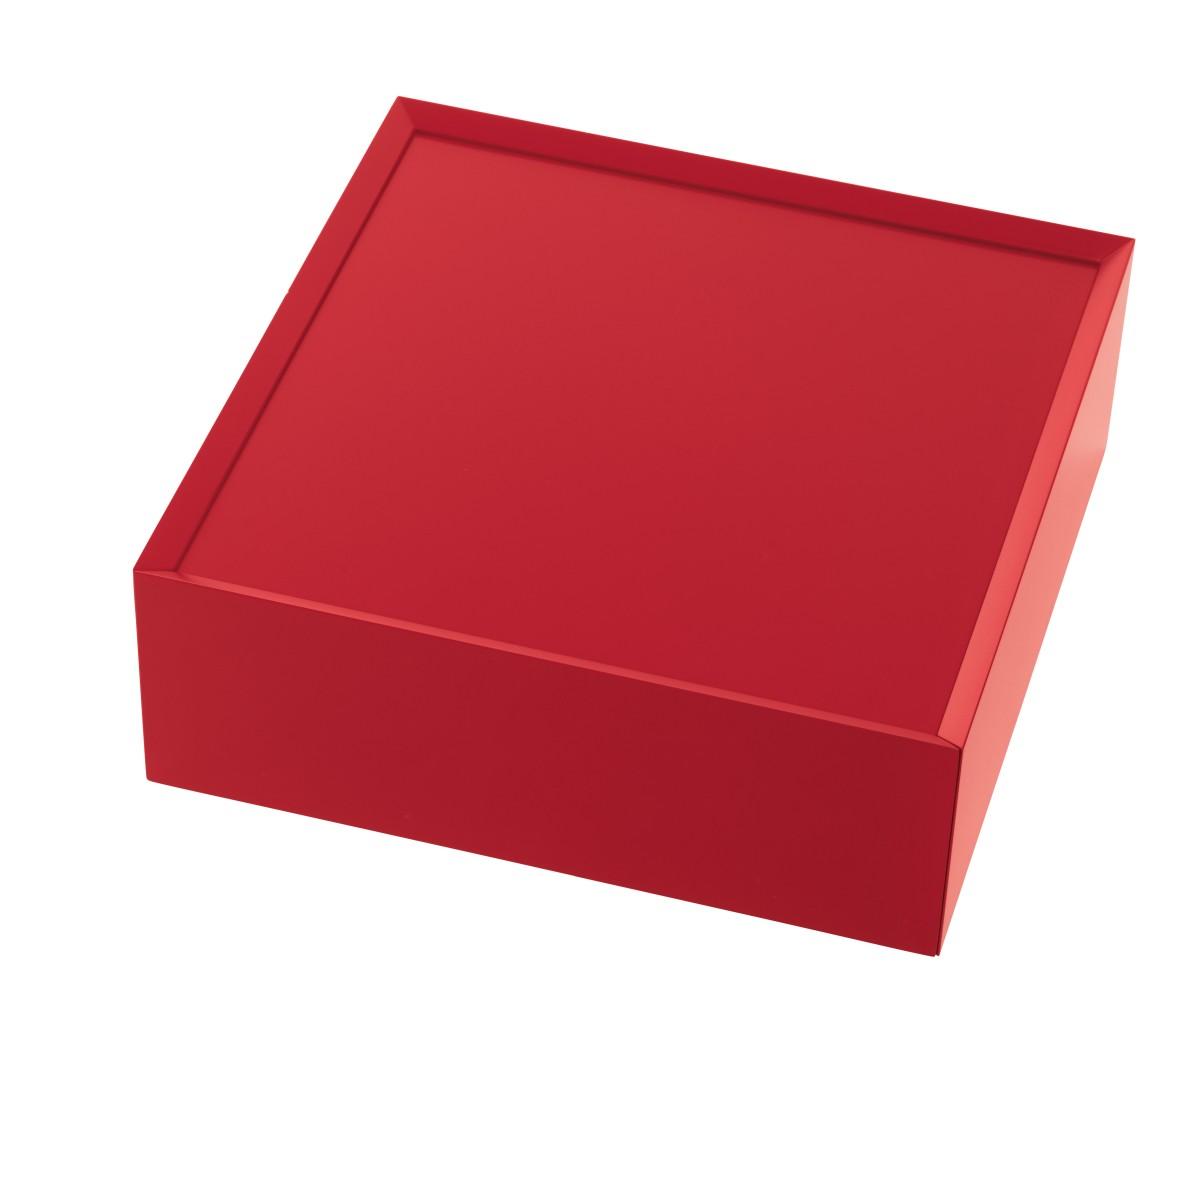 SOUVENIR Schubkastenbox groß tomatenrot (47), geschlossen